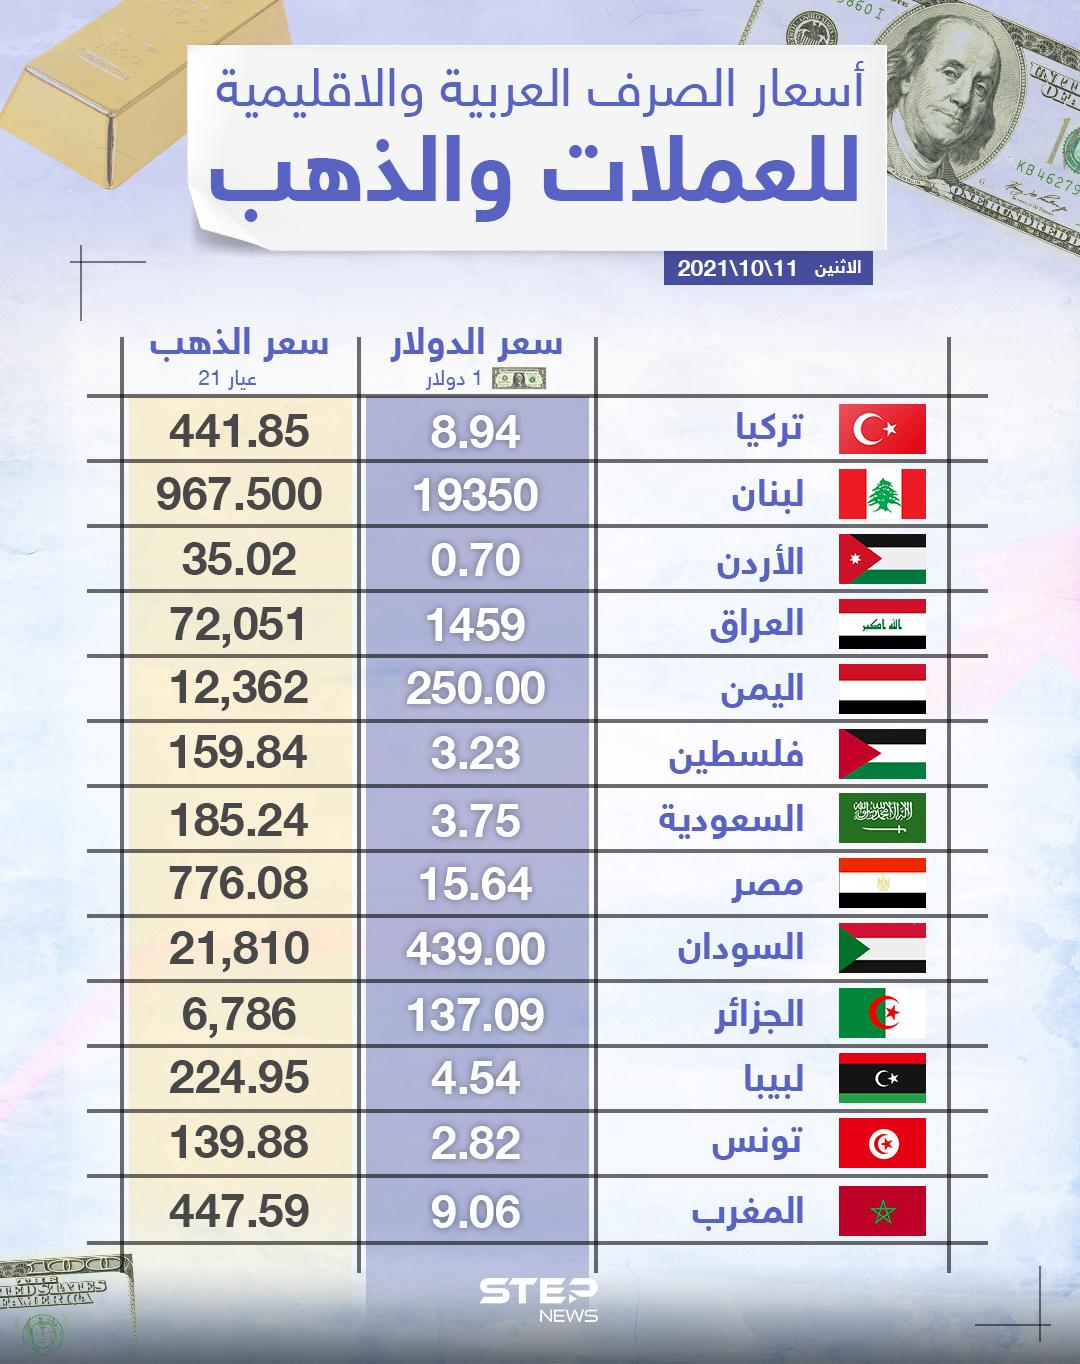 أسعار الذهب والعملات للدول العربية وتركيا اليوم الاثنين الموافق 11 تشرين الأول 2021